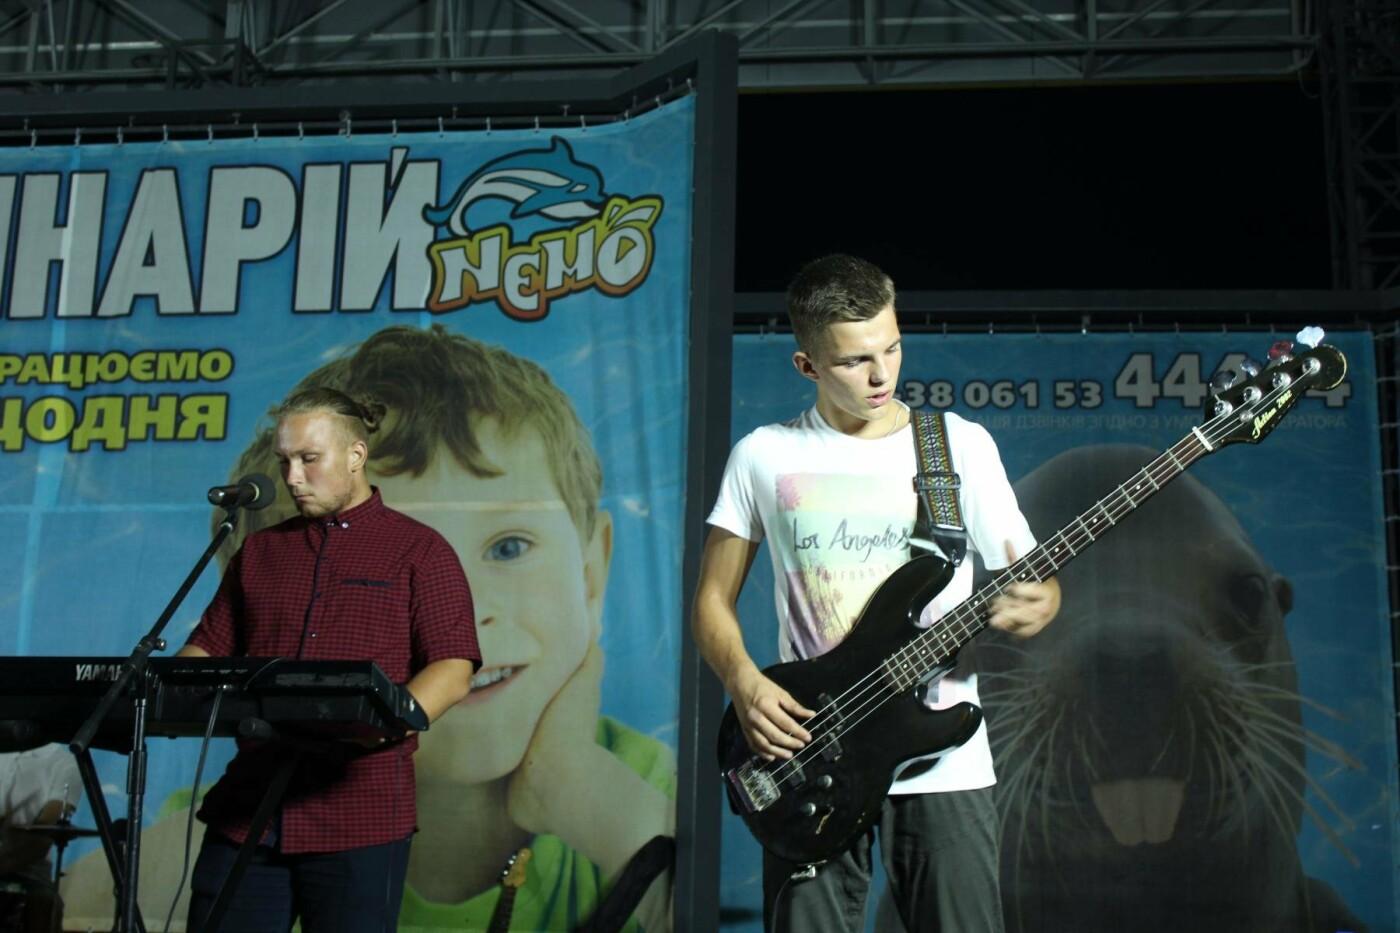 В Бердянске прошел благотворительный рок-концерт в поддержку Данила Коржа, фото-5